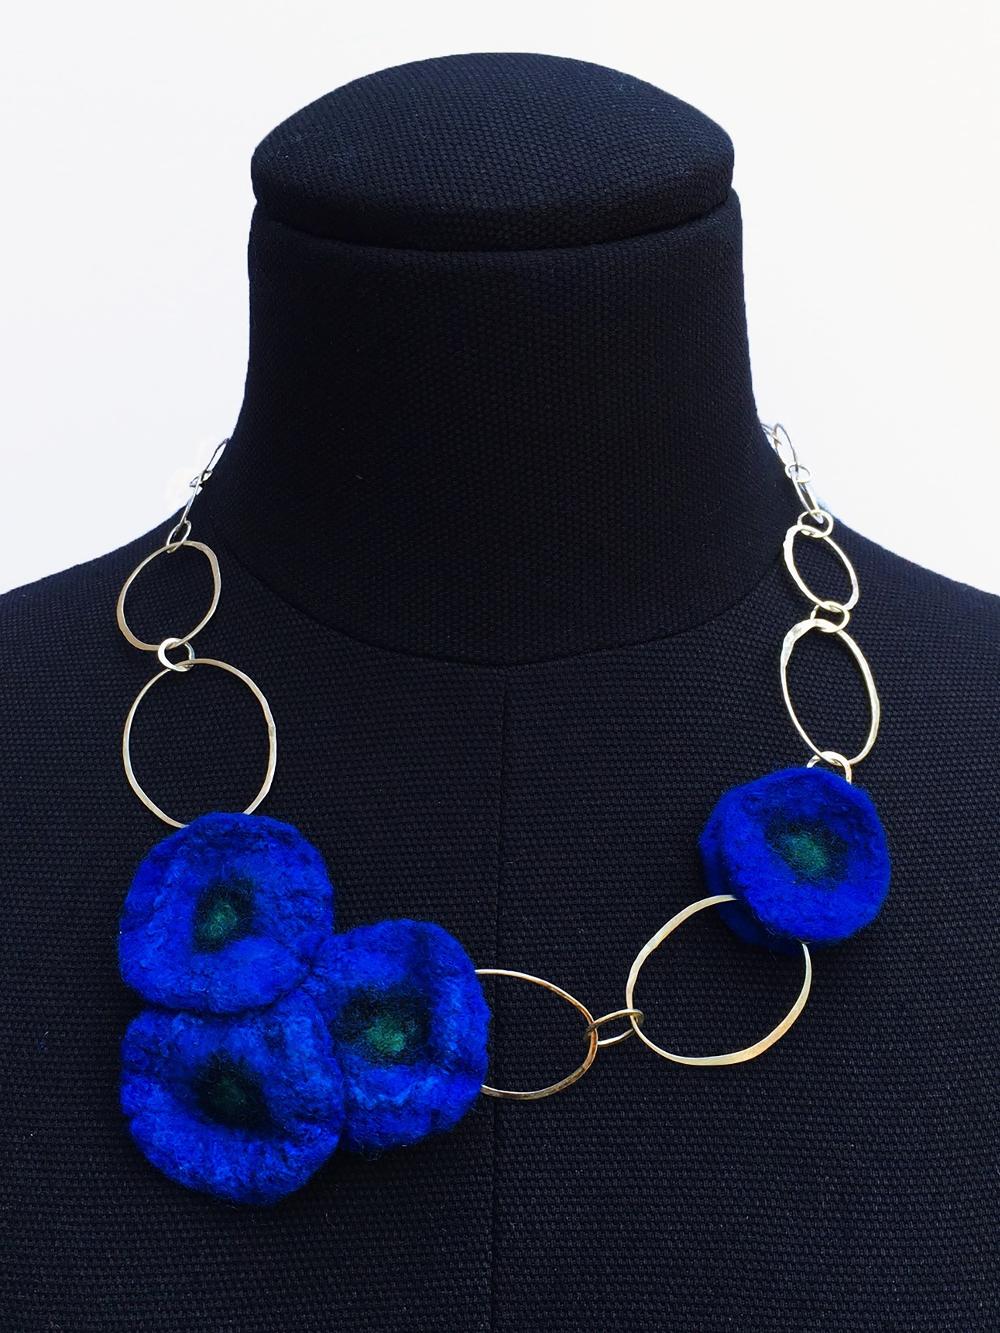 Collier handgesmede zilveren schakels met kobaltblauwe handgevilte bloemen door Charlotte Molenaar Art.toWear